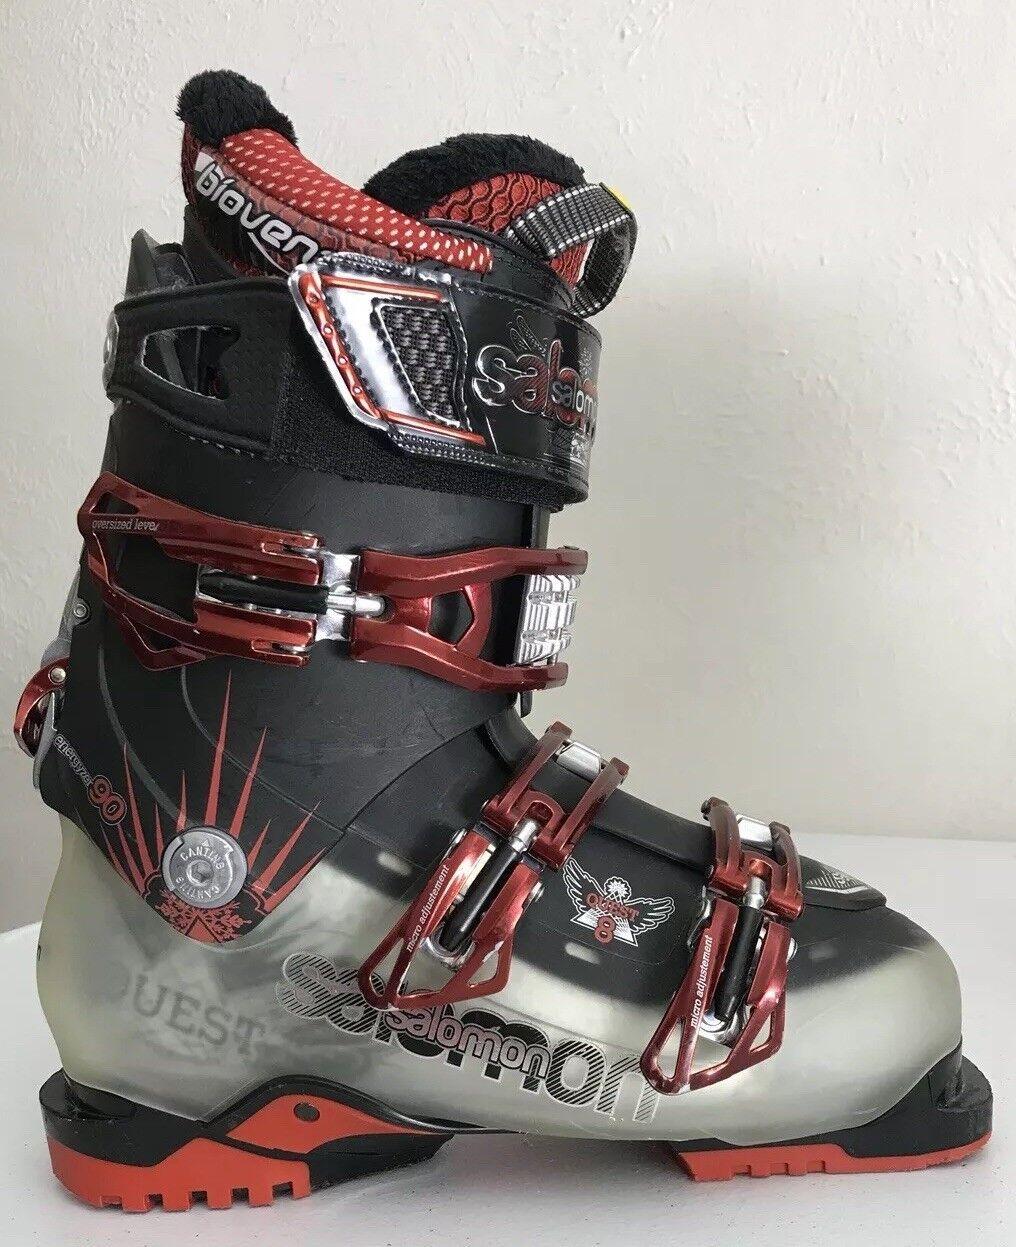 Salomon QUEST8 QUEST 8  Ski Boots Mondo 25 Biovent